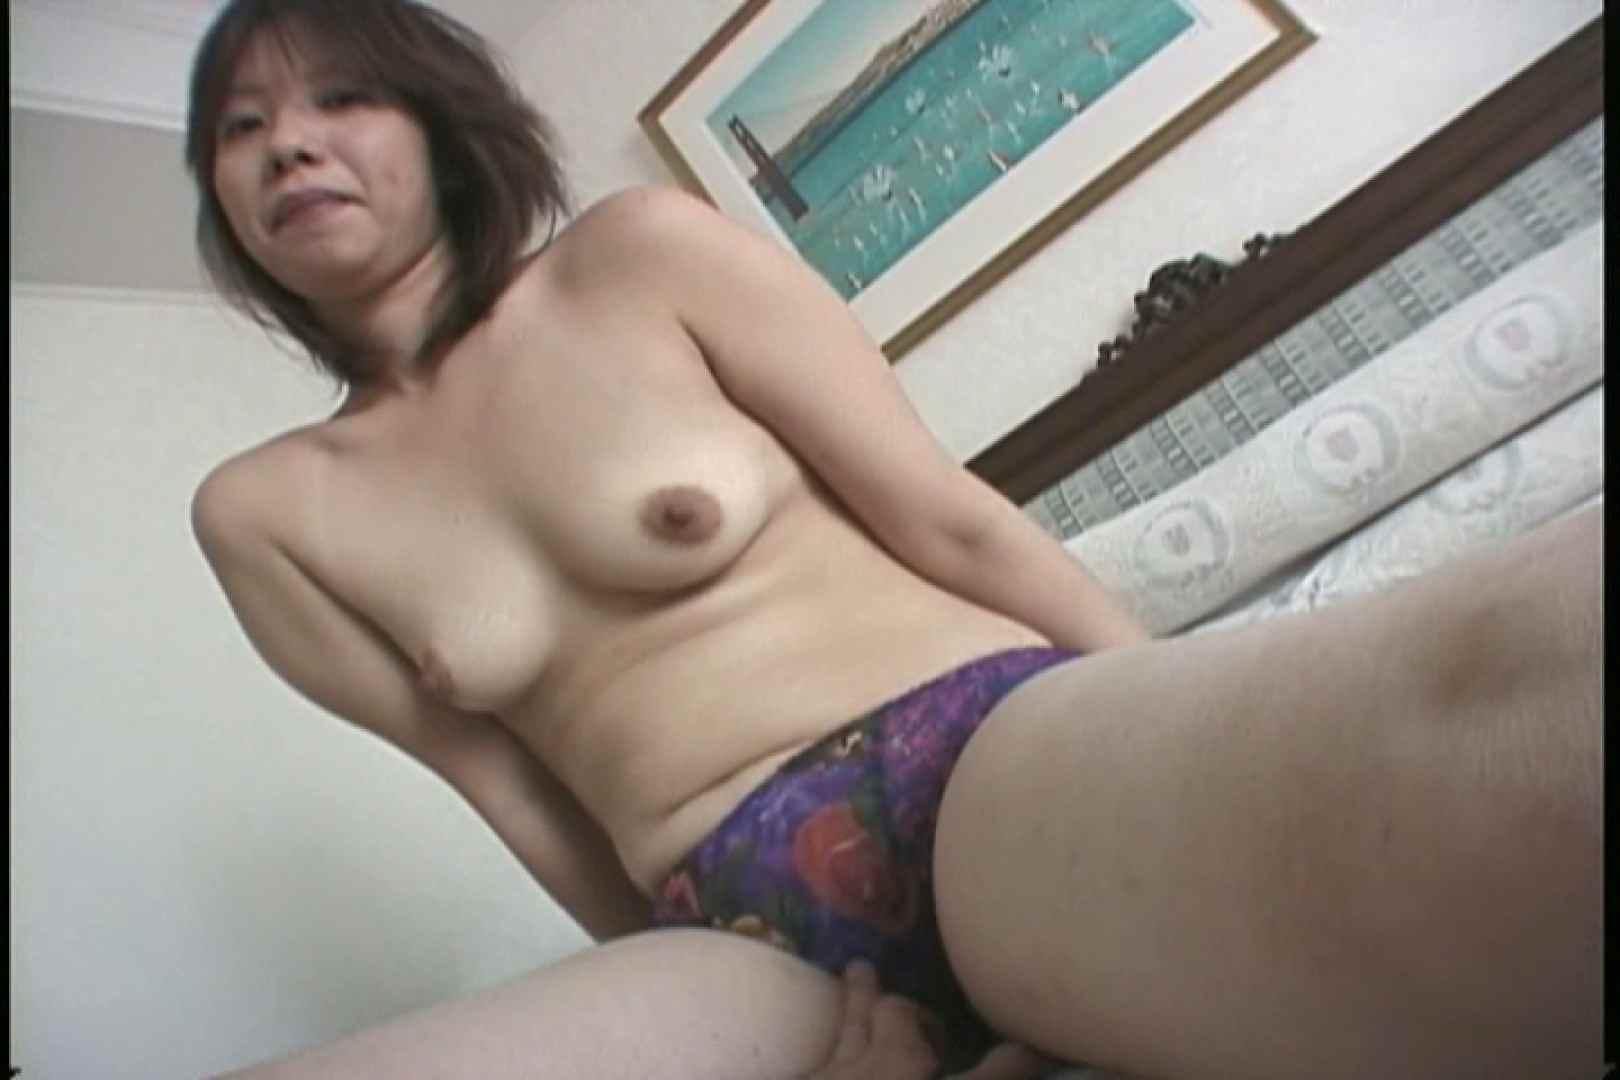 初めてのビデオ撮影に緊張する素人OLとセックス~武田じゅん~ 下着 AV無料動画キャプチャ 86pic 61